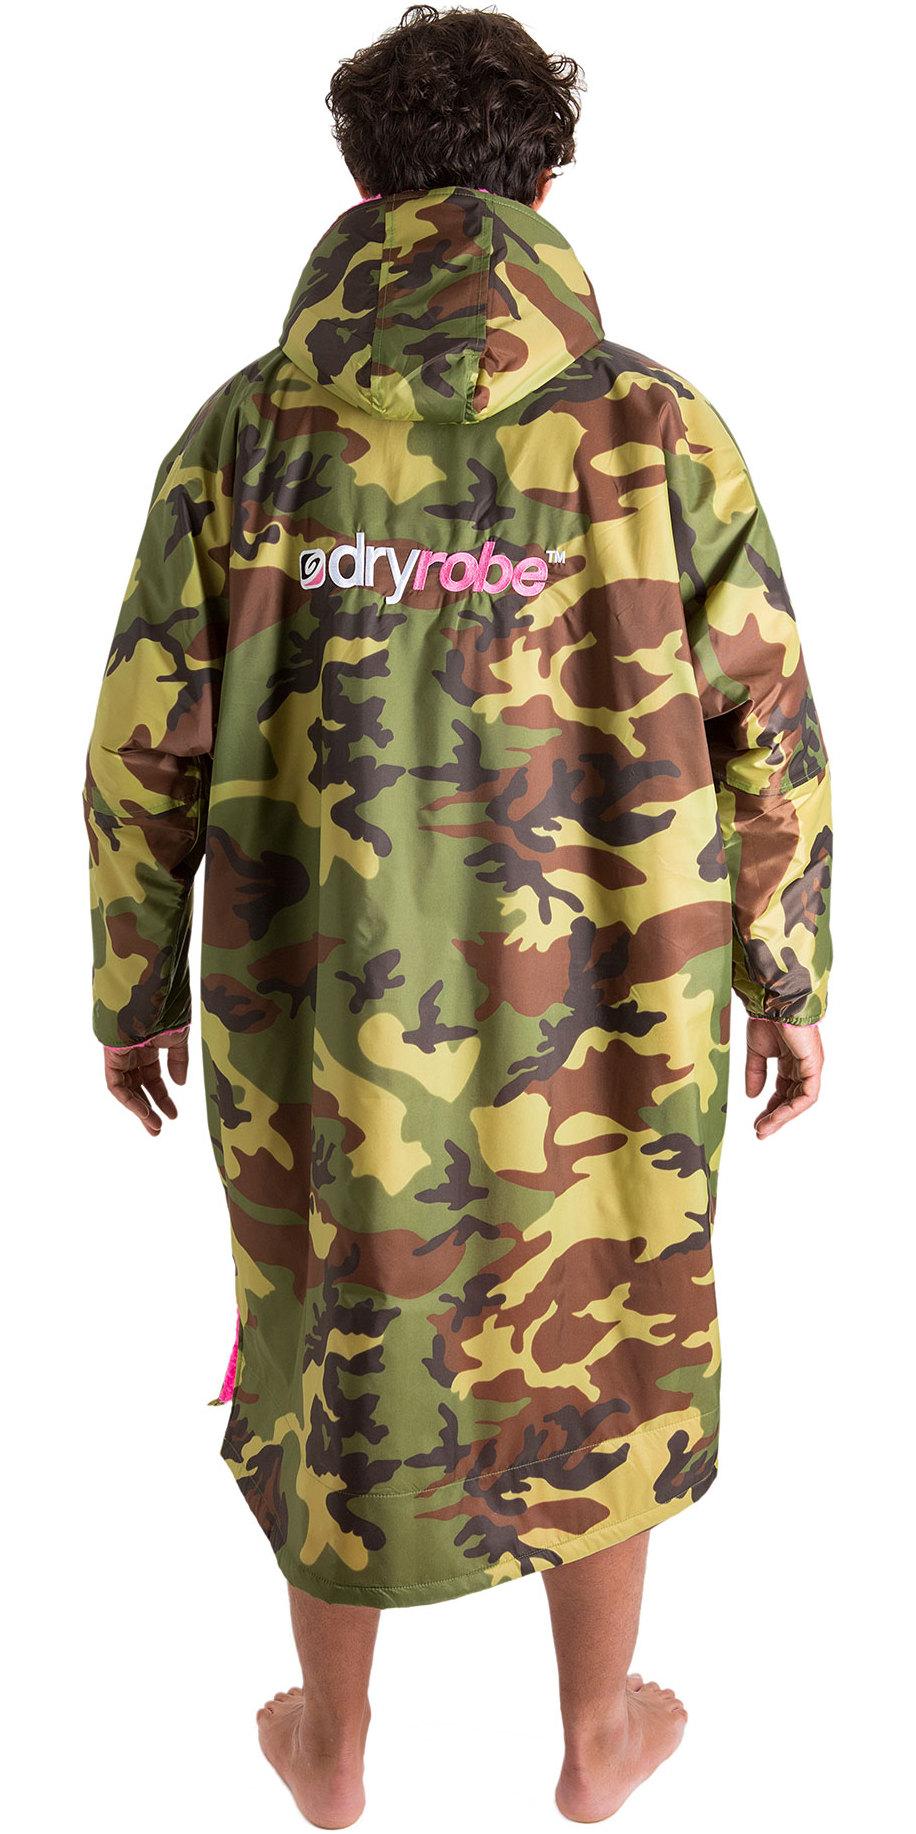 2019 Dryrobe Advance Manches Longues Haut De Gamme, Robe De Chambre D'extérieur Dr104 Camo / Rose